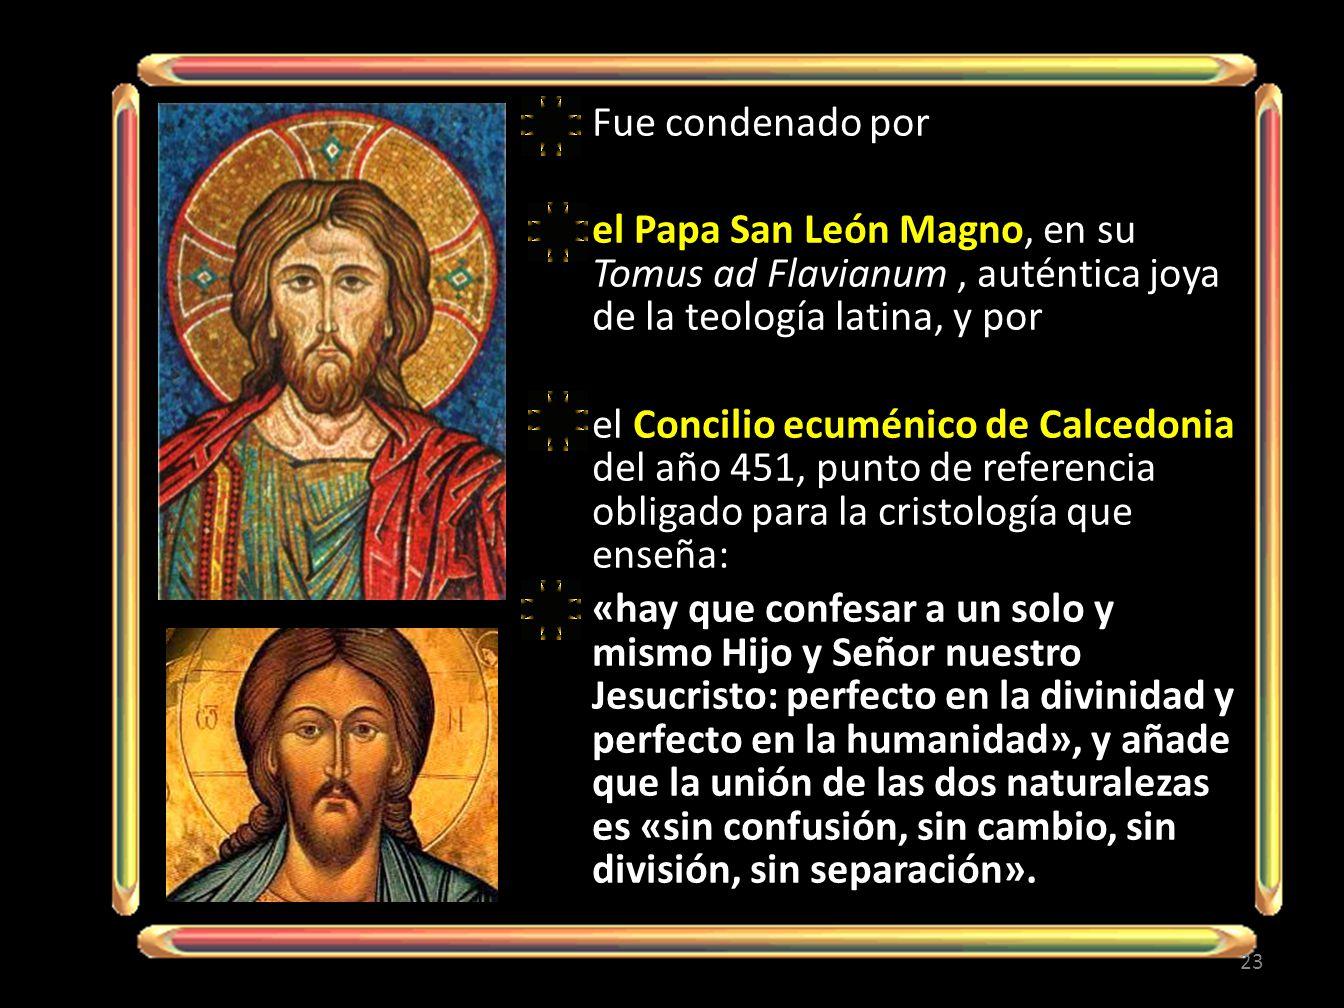 Fue condenado por el Papa San León Magno, en su Tomus ad Flavianum, auténtica joya de la teología latina, y por el Concilio ecuménico de Calcedonia de